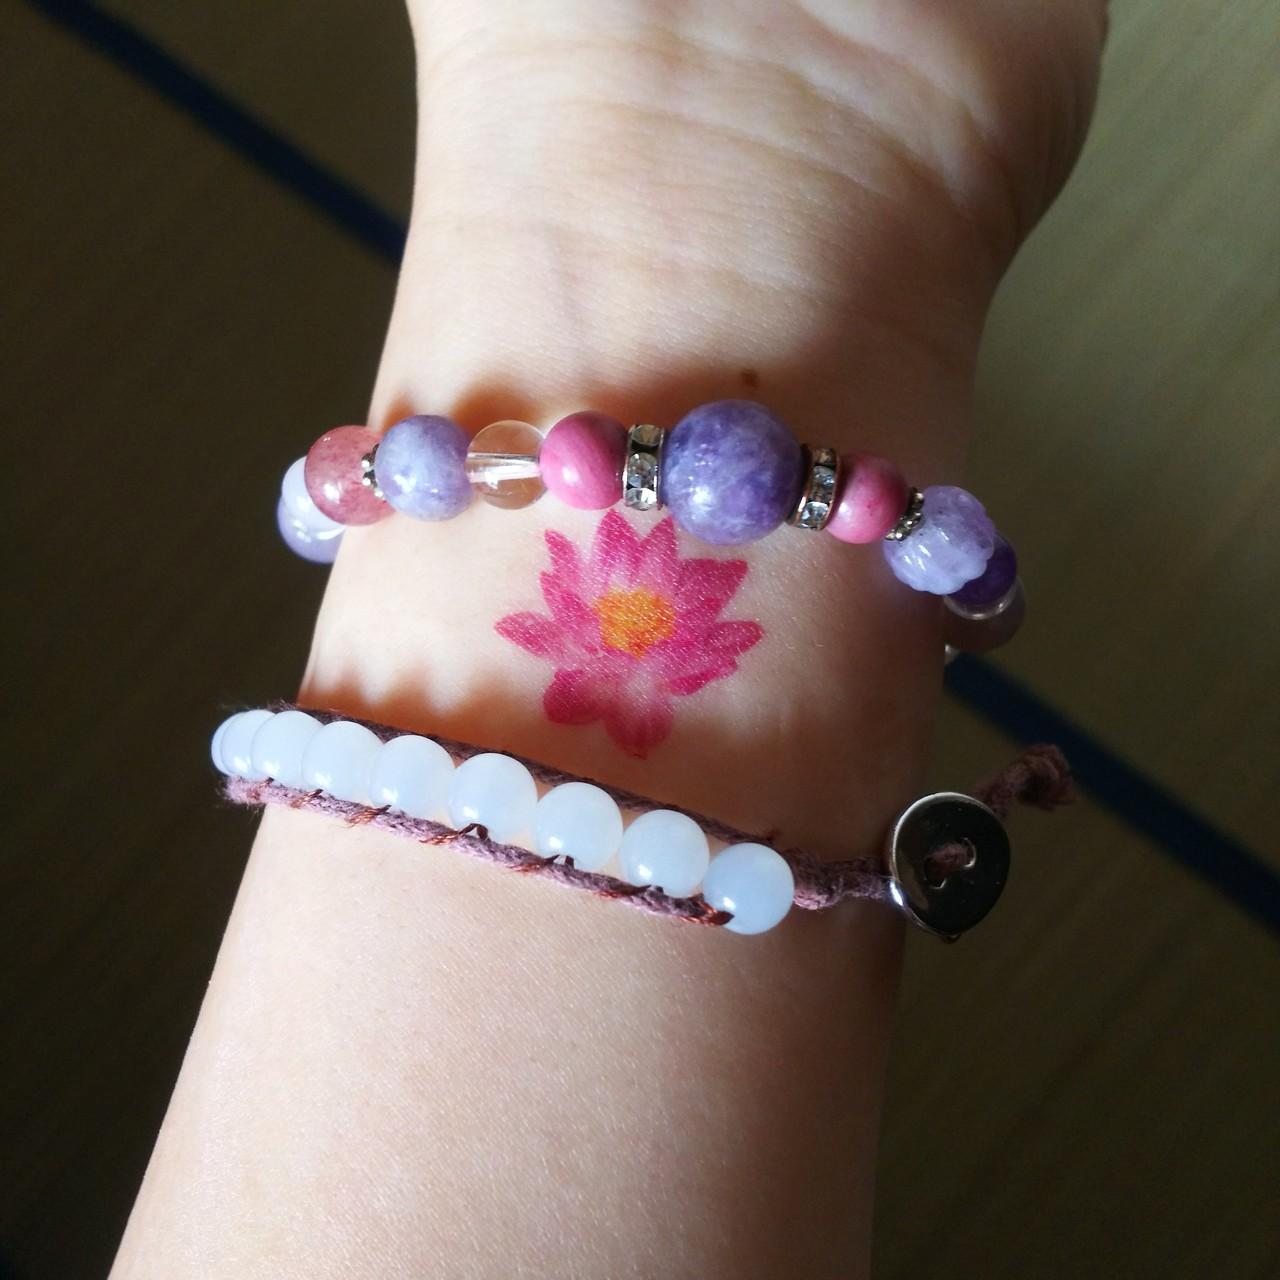 蓮が好きすぎて タトゥー買っちゃいました♥  大分取れたから近々また貼る(`・ω・´)✨